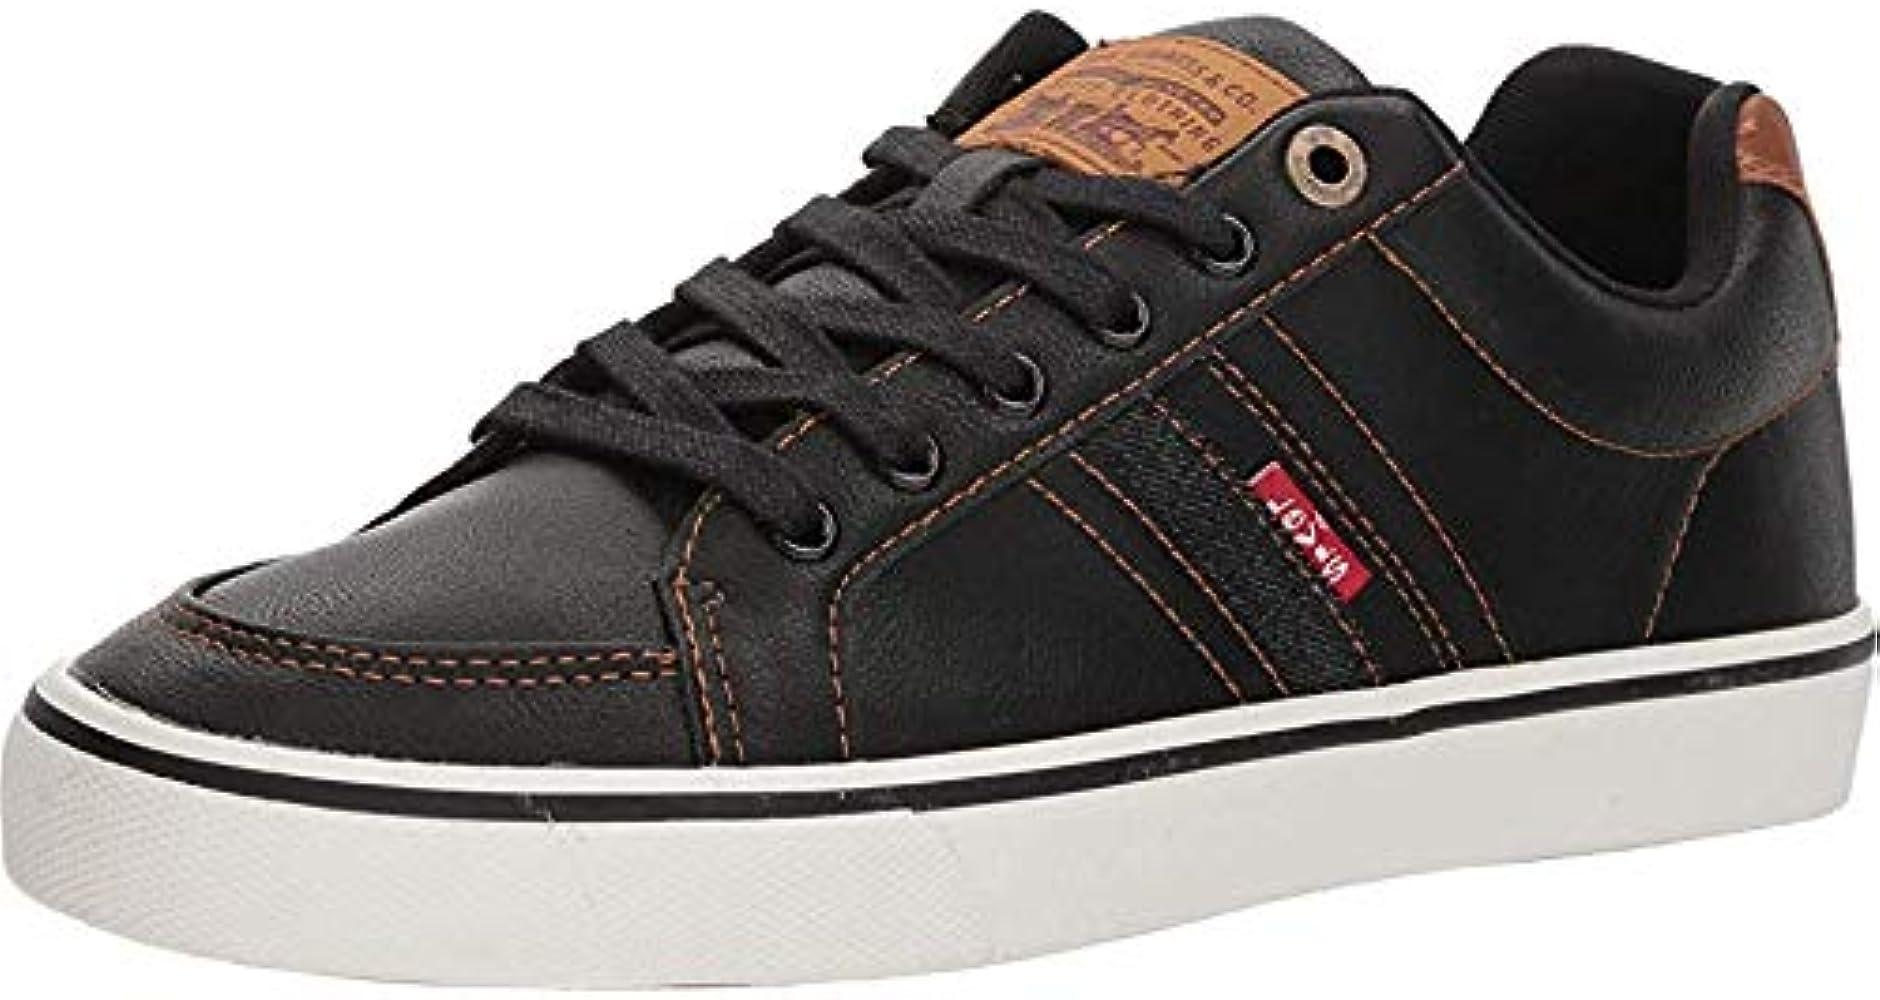 Shoes Men's Turner Nappa Black/Tan 7.5